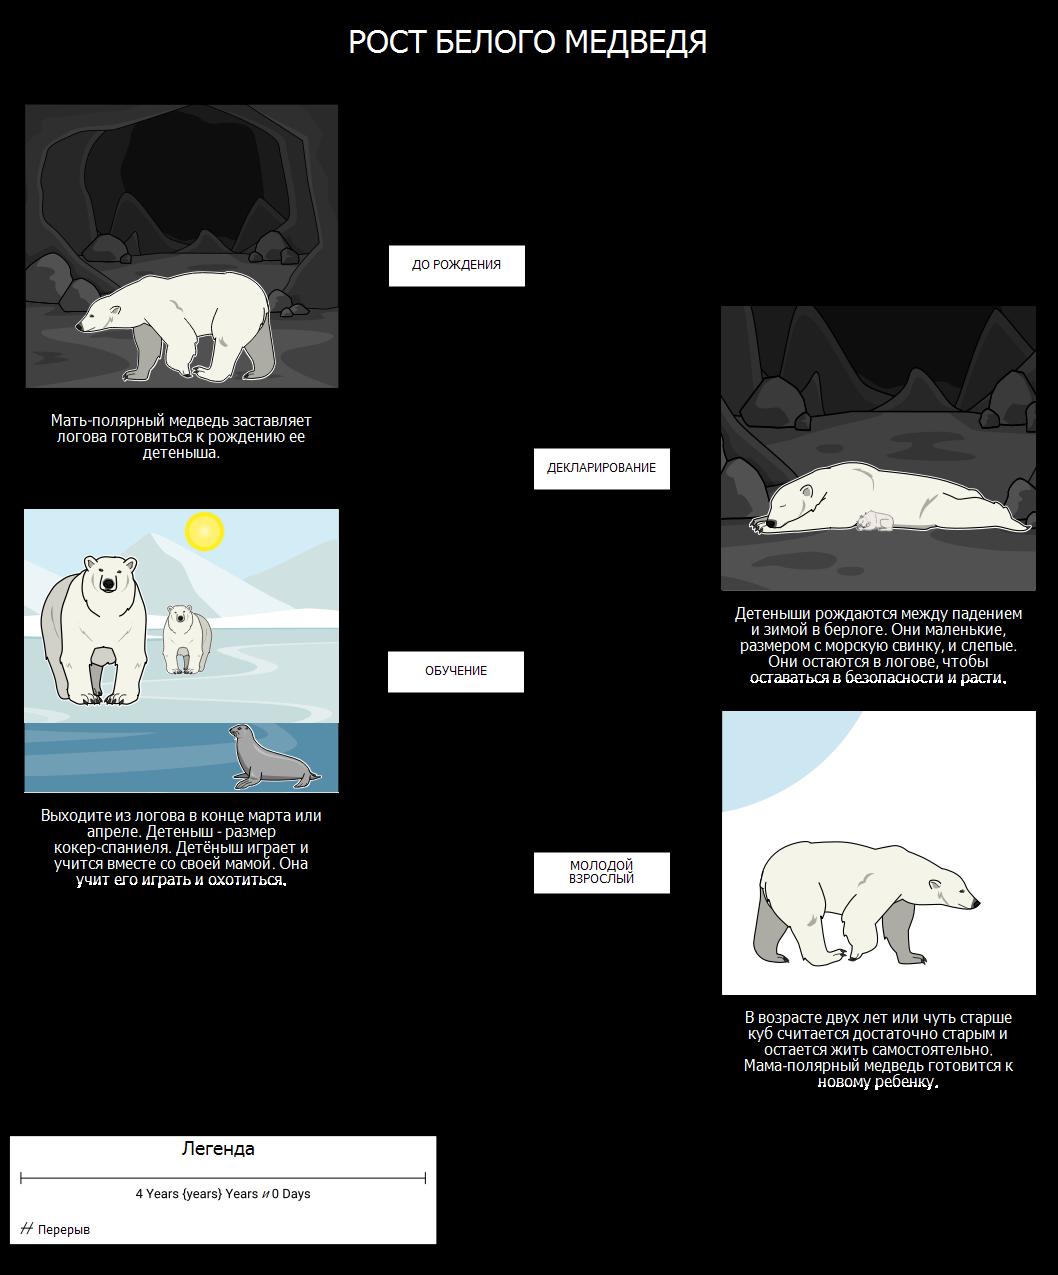 Где Живут Белые Медведи? Полярный Медведь Рост